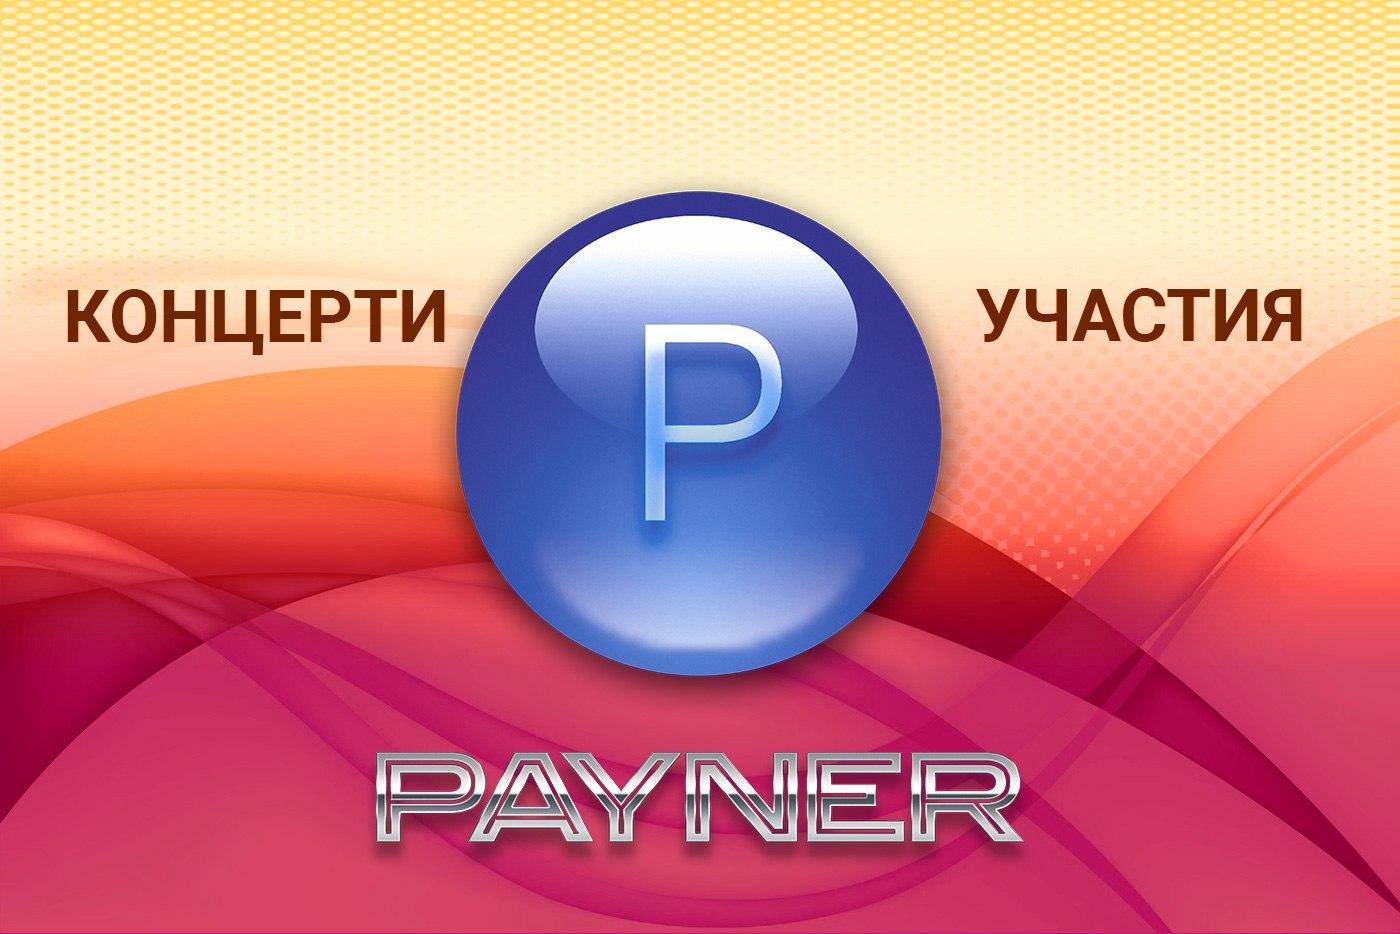 """Участия на звездите на """"Пайнер"""" на 18.07.2020"""